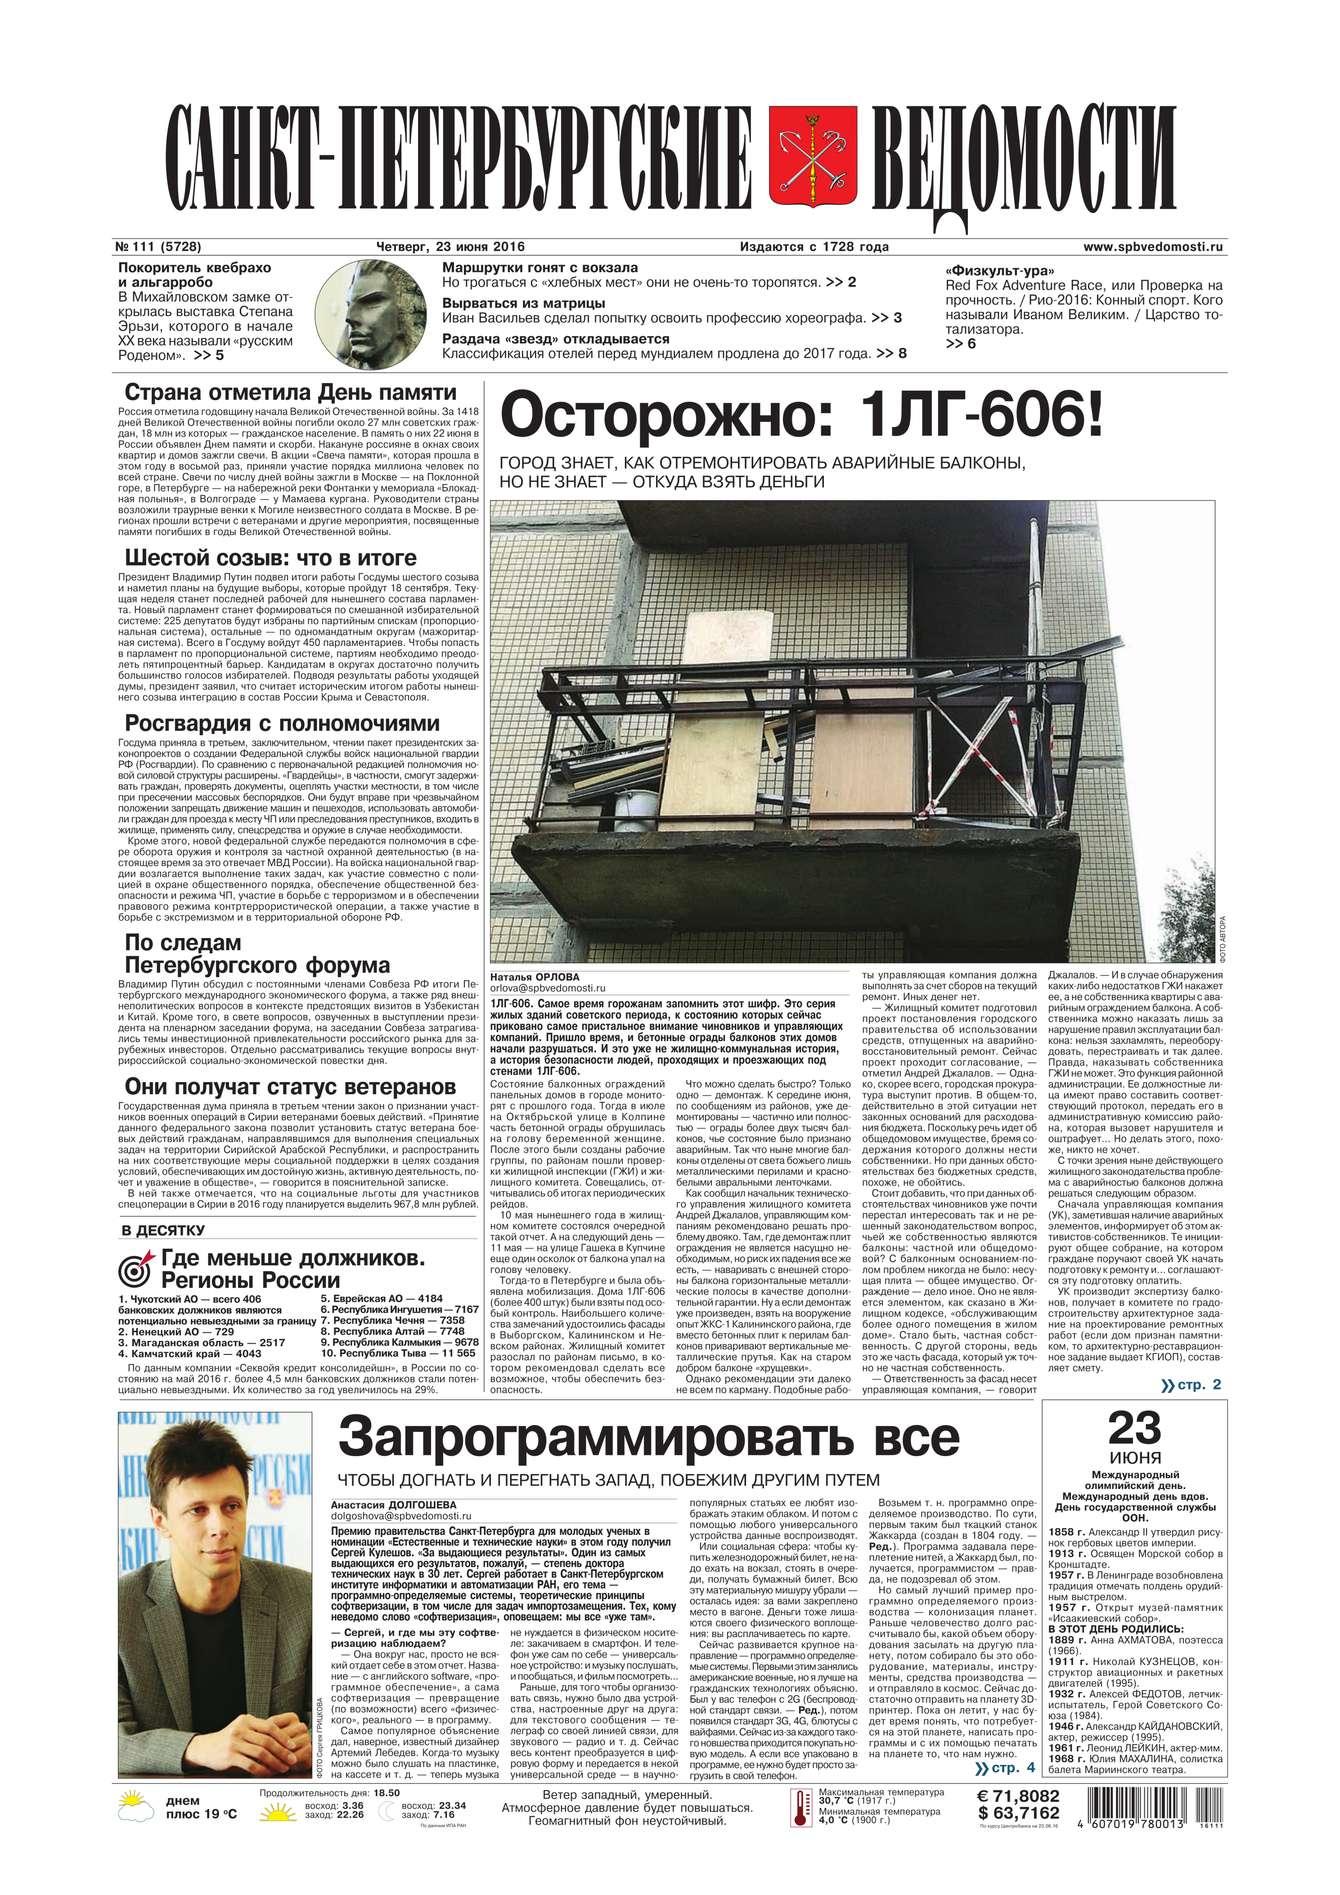 Редакция газеты Санкт-Петербургские ведомости Санкт-Петербургские ведомости 111-2016